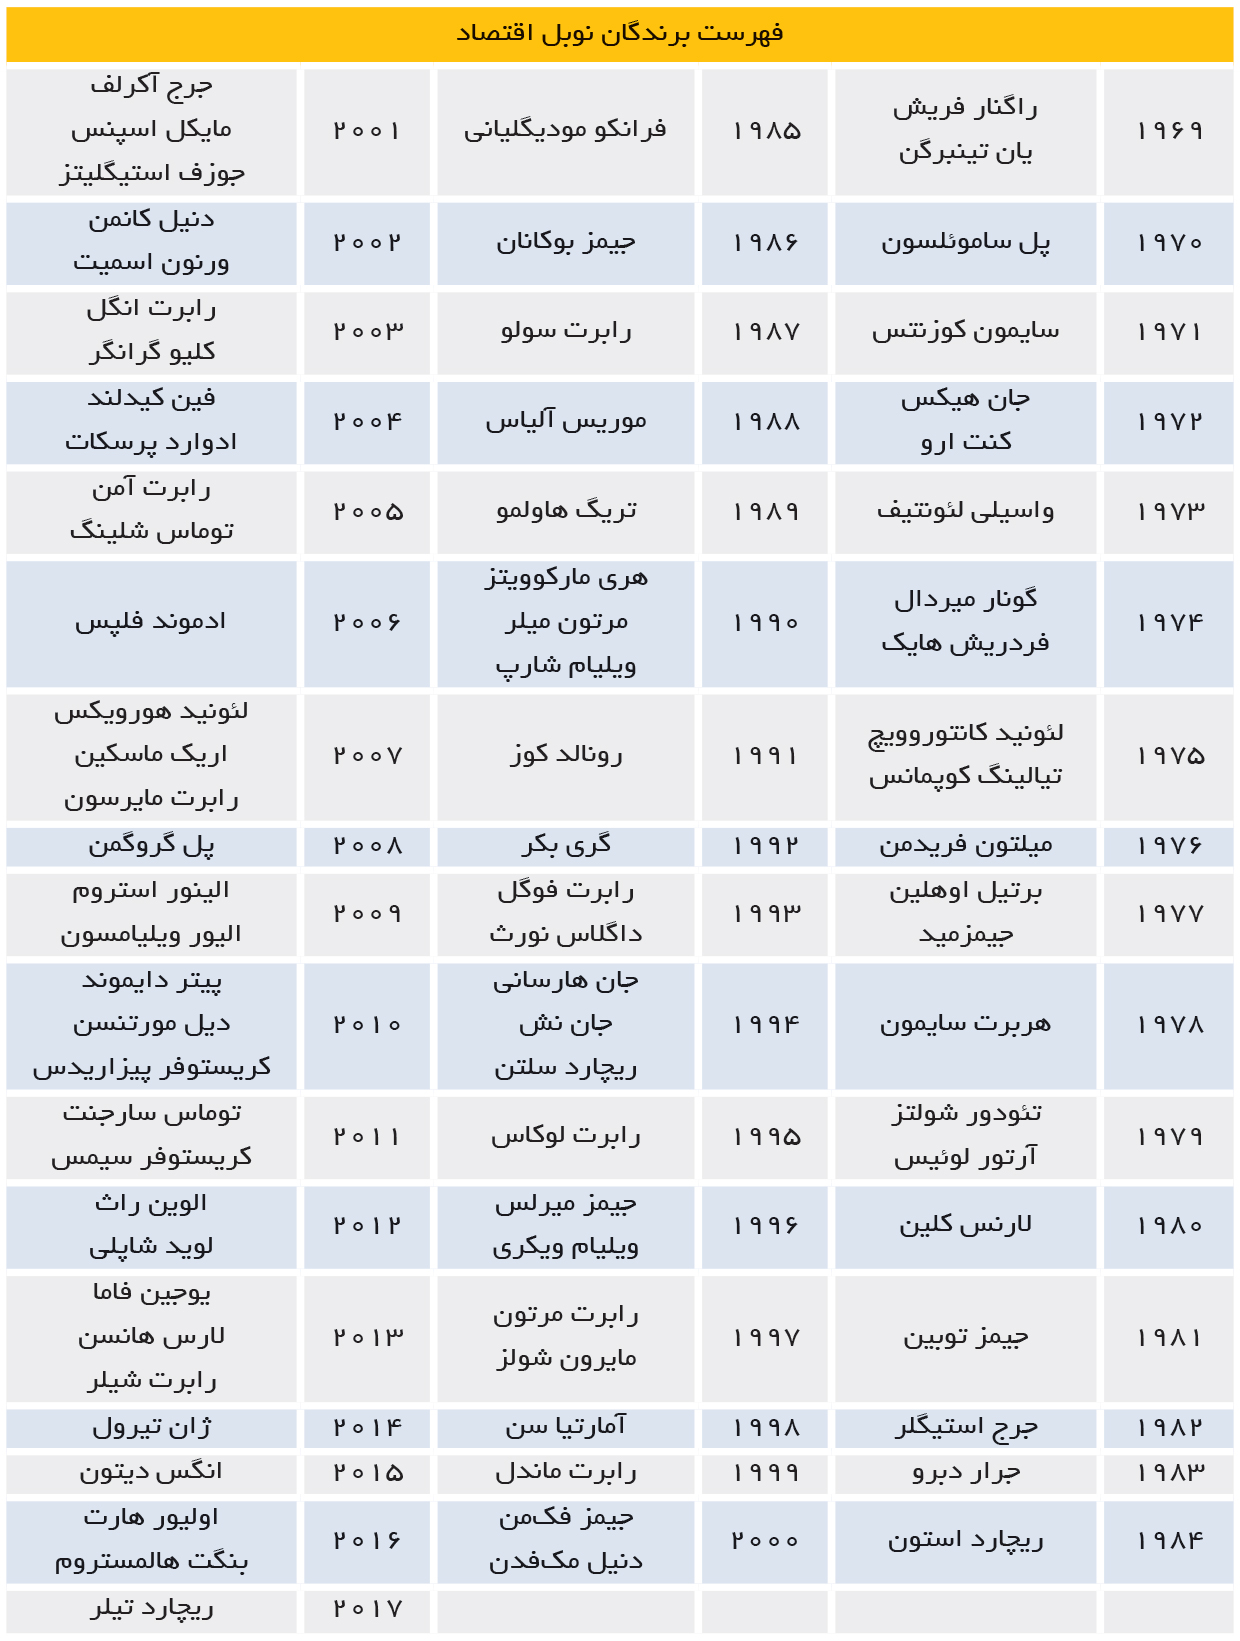 تجارت- فردا- فهرست برندگان نوبل اقتصاد